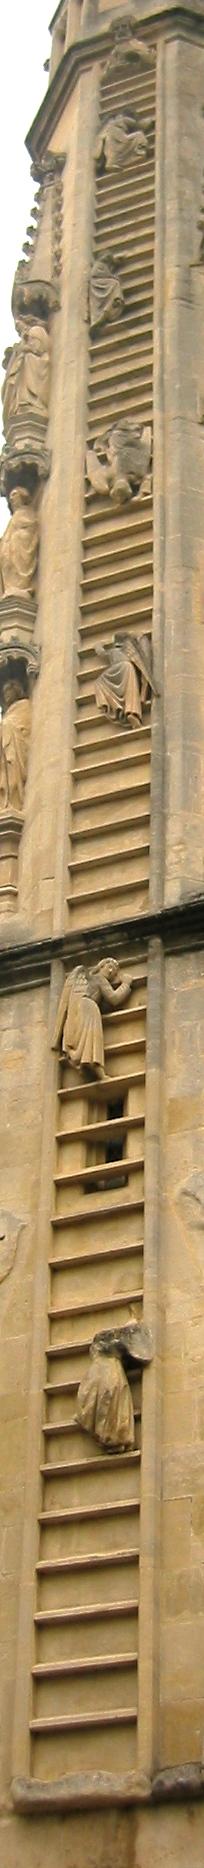 facade ouest abbaye bath ange monte escalier